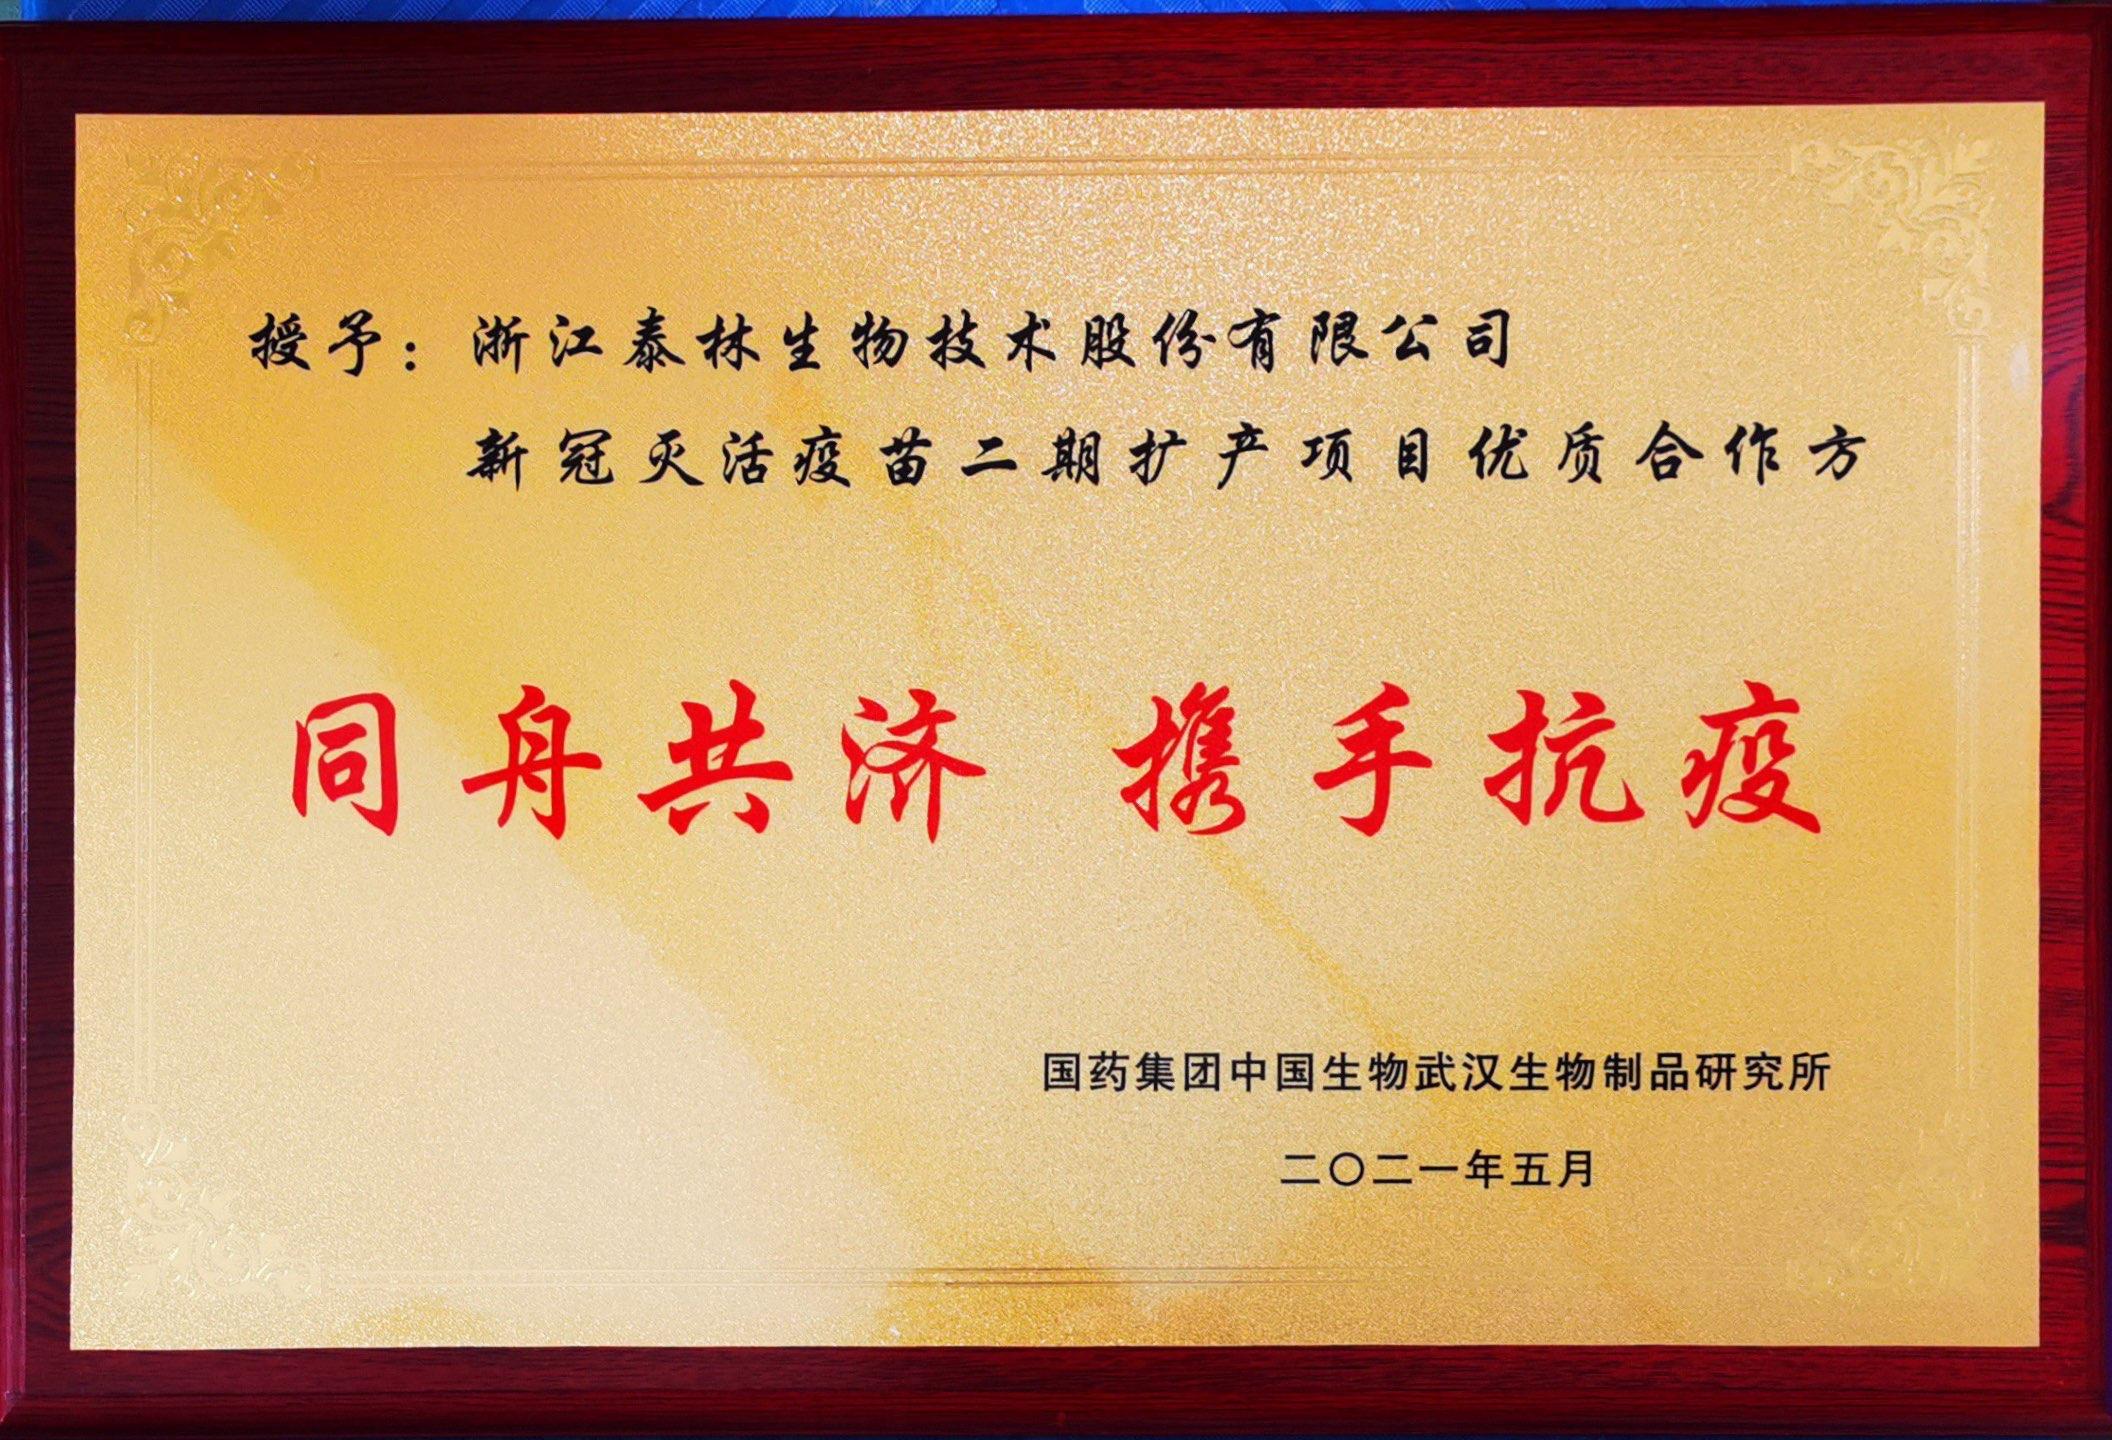 泰林生物获评国药武汉生物制品所优质合作方